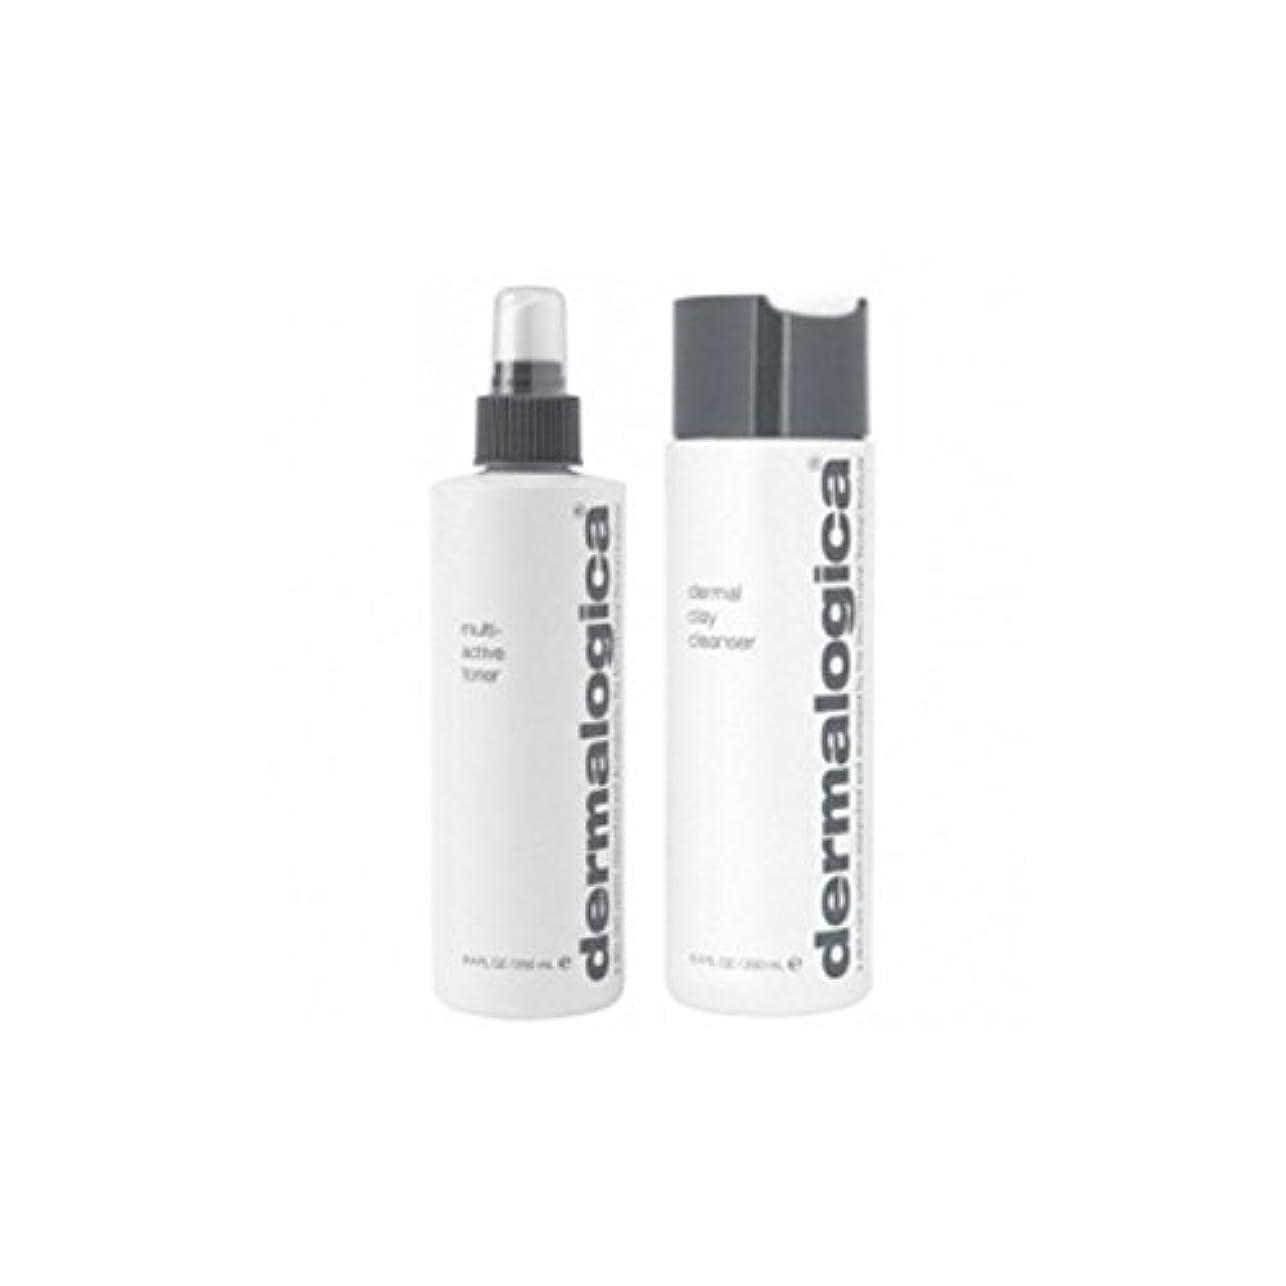 必要電報ラップトップダーマロジカクレンジング&トーンデュオ - 脂性肌(2製品) x4 - Dermalogica Cleanse & Tone Duo - Oily Skin (2 Products) (Pack of 4) [並行輸入品]